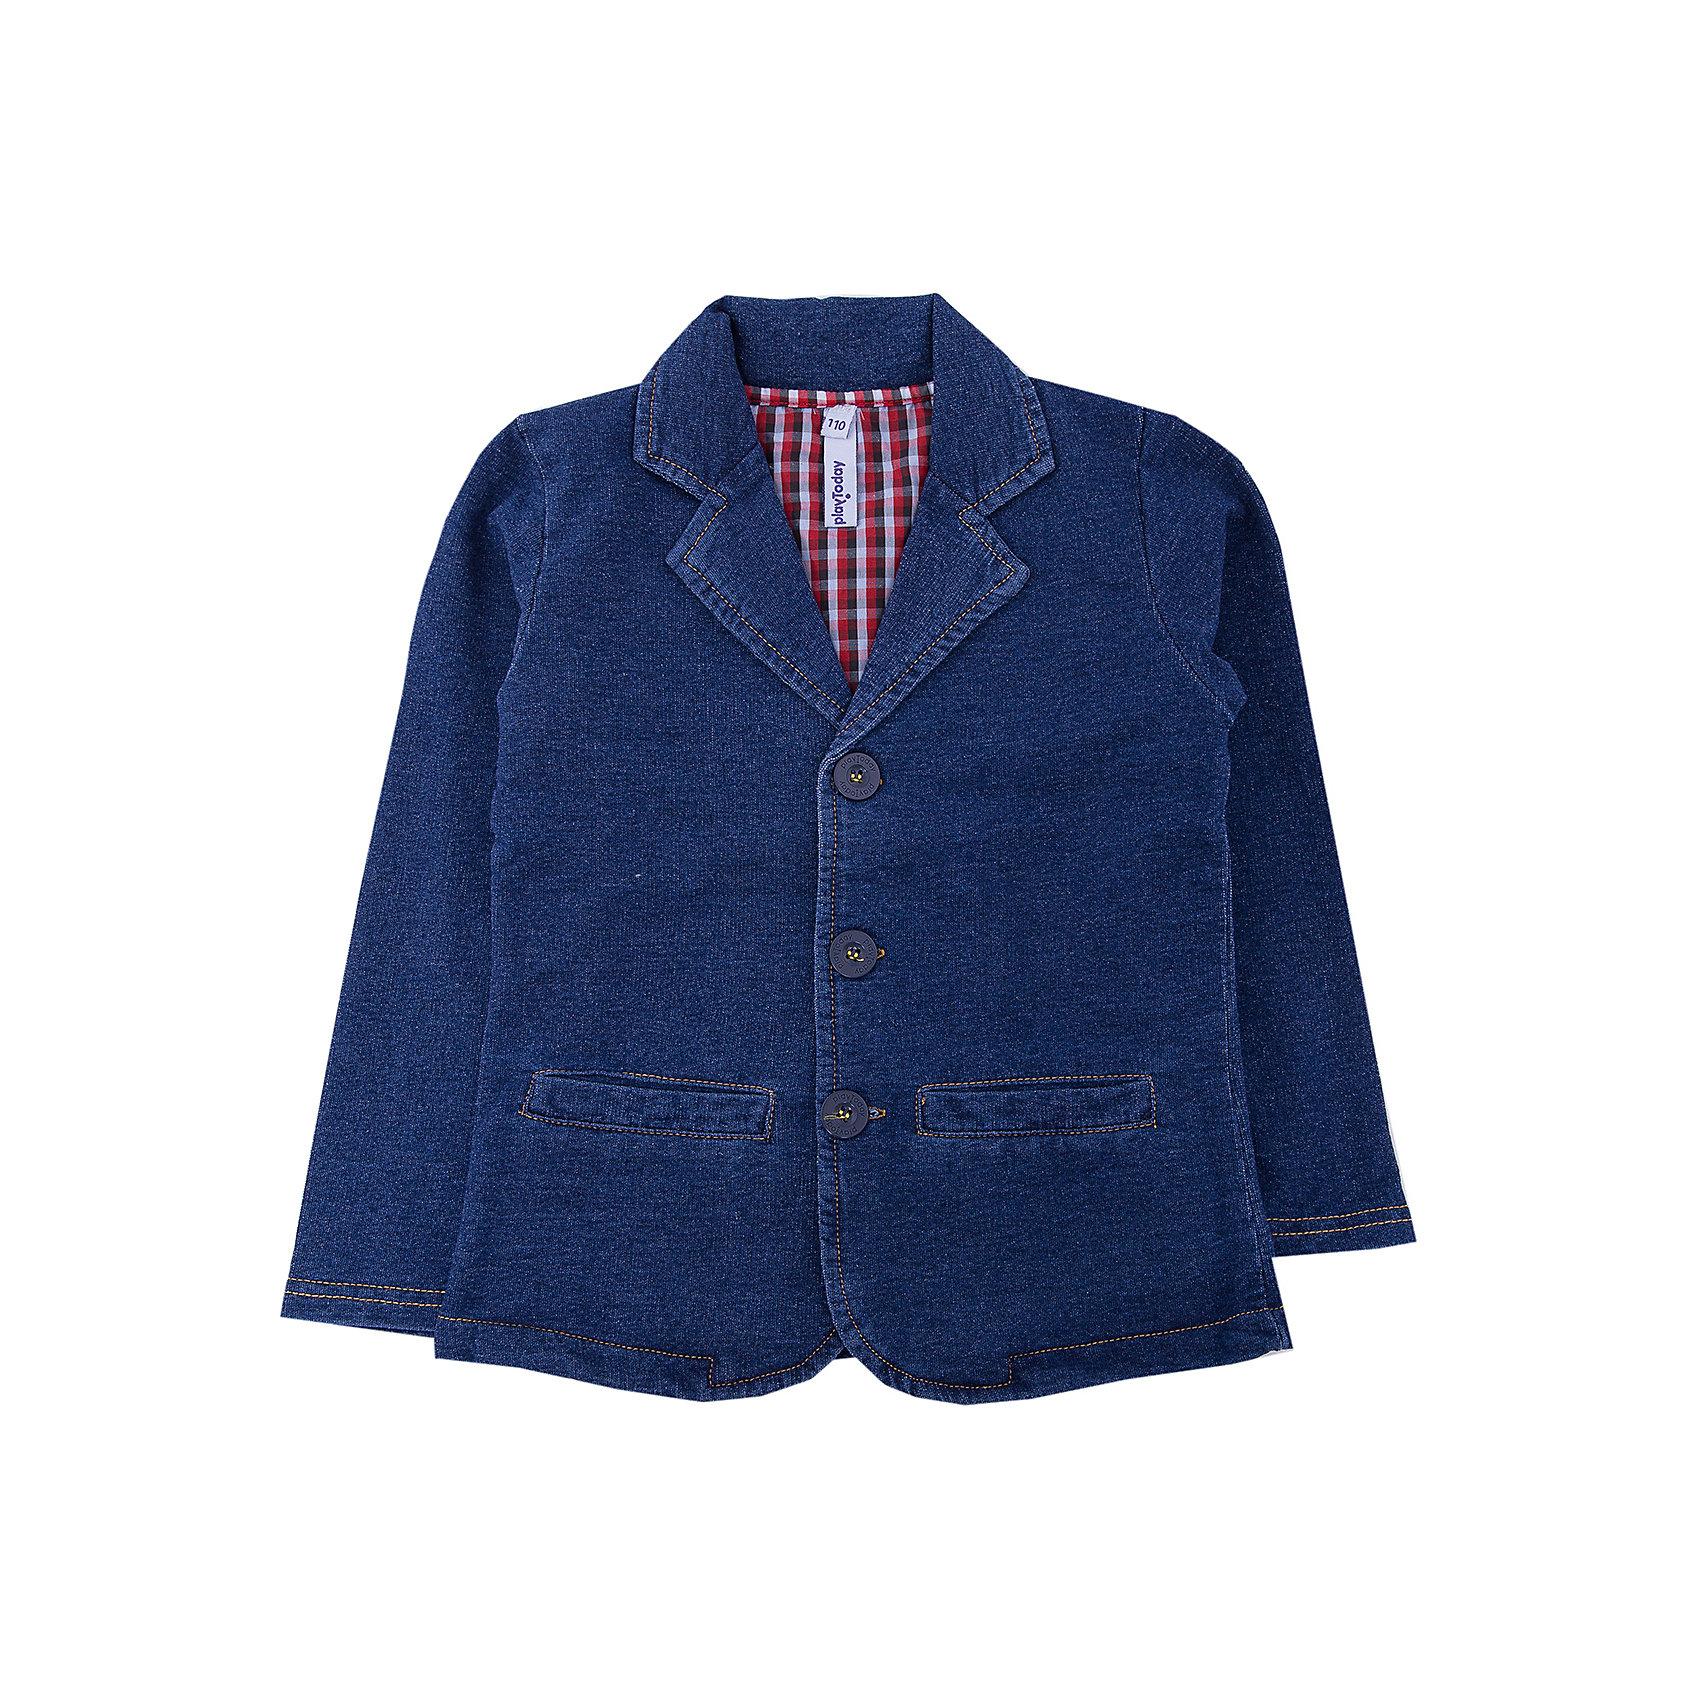 Пиджак для мальчика PlayTodayПиджак для мальчика PlayToday<br>Оригинальный однобортный пиджак из натуральной ткани, в модном стиле хипстер. Модель с яркой клетчатой подкладкой. Можно сочетать с рубашкой или футболкой.Преимущества: Однобортный пиджак из натуральной тканиМодель на яркой подкладкеМожно сочетать с рубашкой или футболкой<br>Состав:<br>70% хлопок, 30% полиэстер<br><br>Ширина мм: 157<br>Глубина мм: 13<br>Высота мм: 119<br>Вес г: 200<br>Цвет: синий<br>Возраст от месяцев: 84<br>Возраст до месяцев: 96<br>Пол: Мужской<br>Возраст: Детский<br>Размер: 128,98,104,110,116,122<br>SKU: 5403424